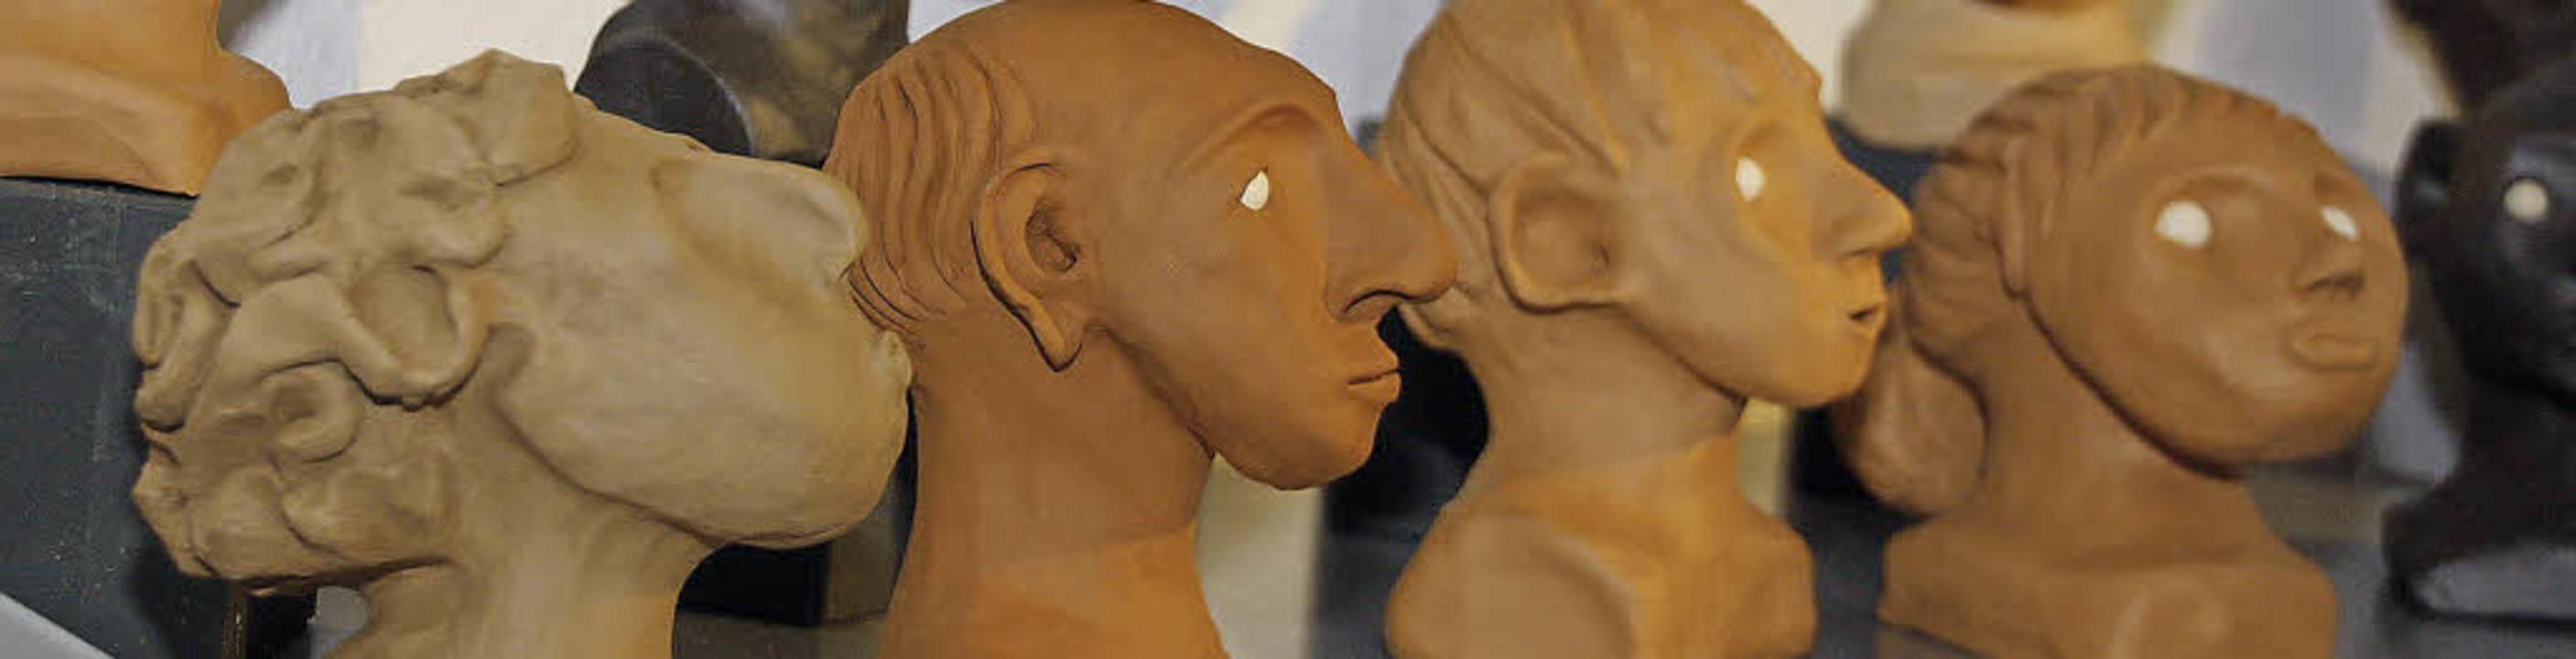 Die Künstlerin Dorothee Lang stellt Kopfskulpturen aus Ton her.     Foto: Christiane Franz